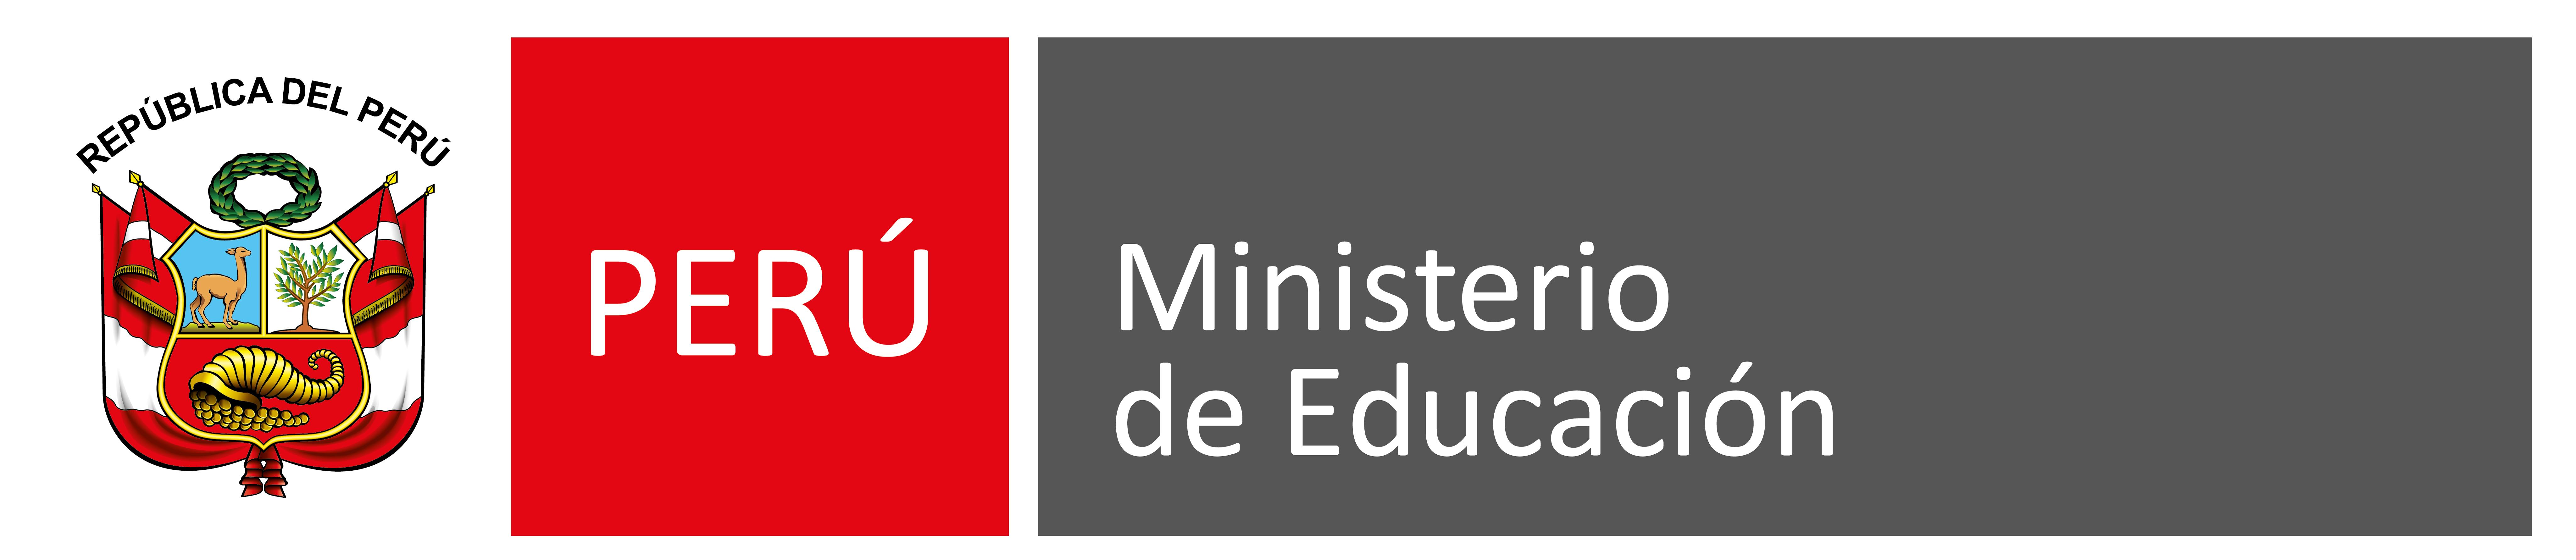 Ministerio de econom a y finanzas for Ministerio de interior y justicia direccion